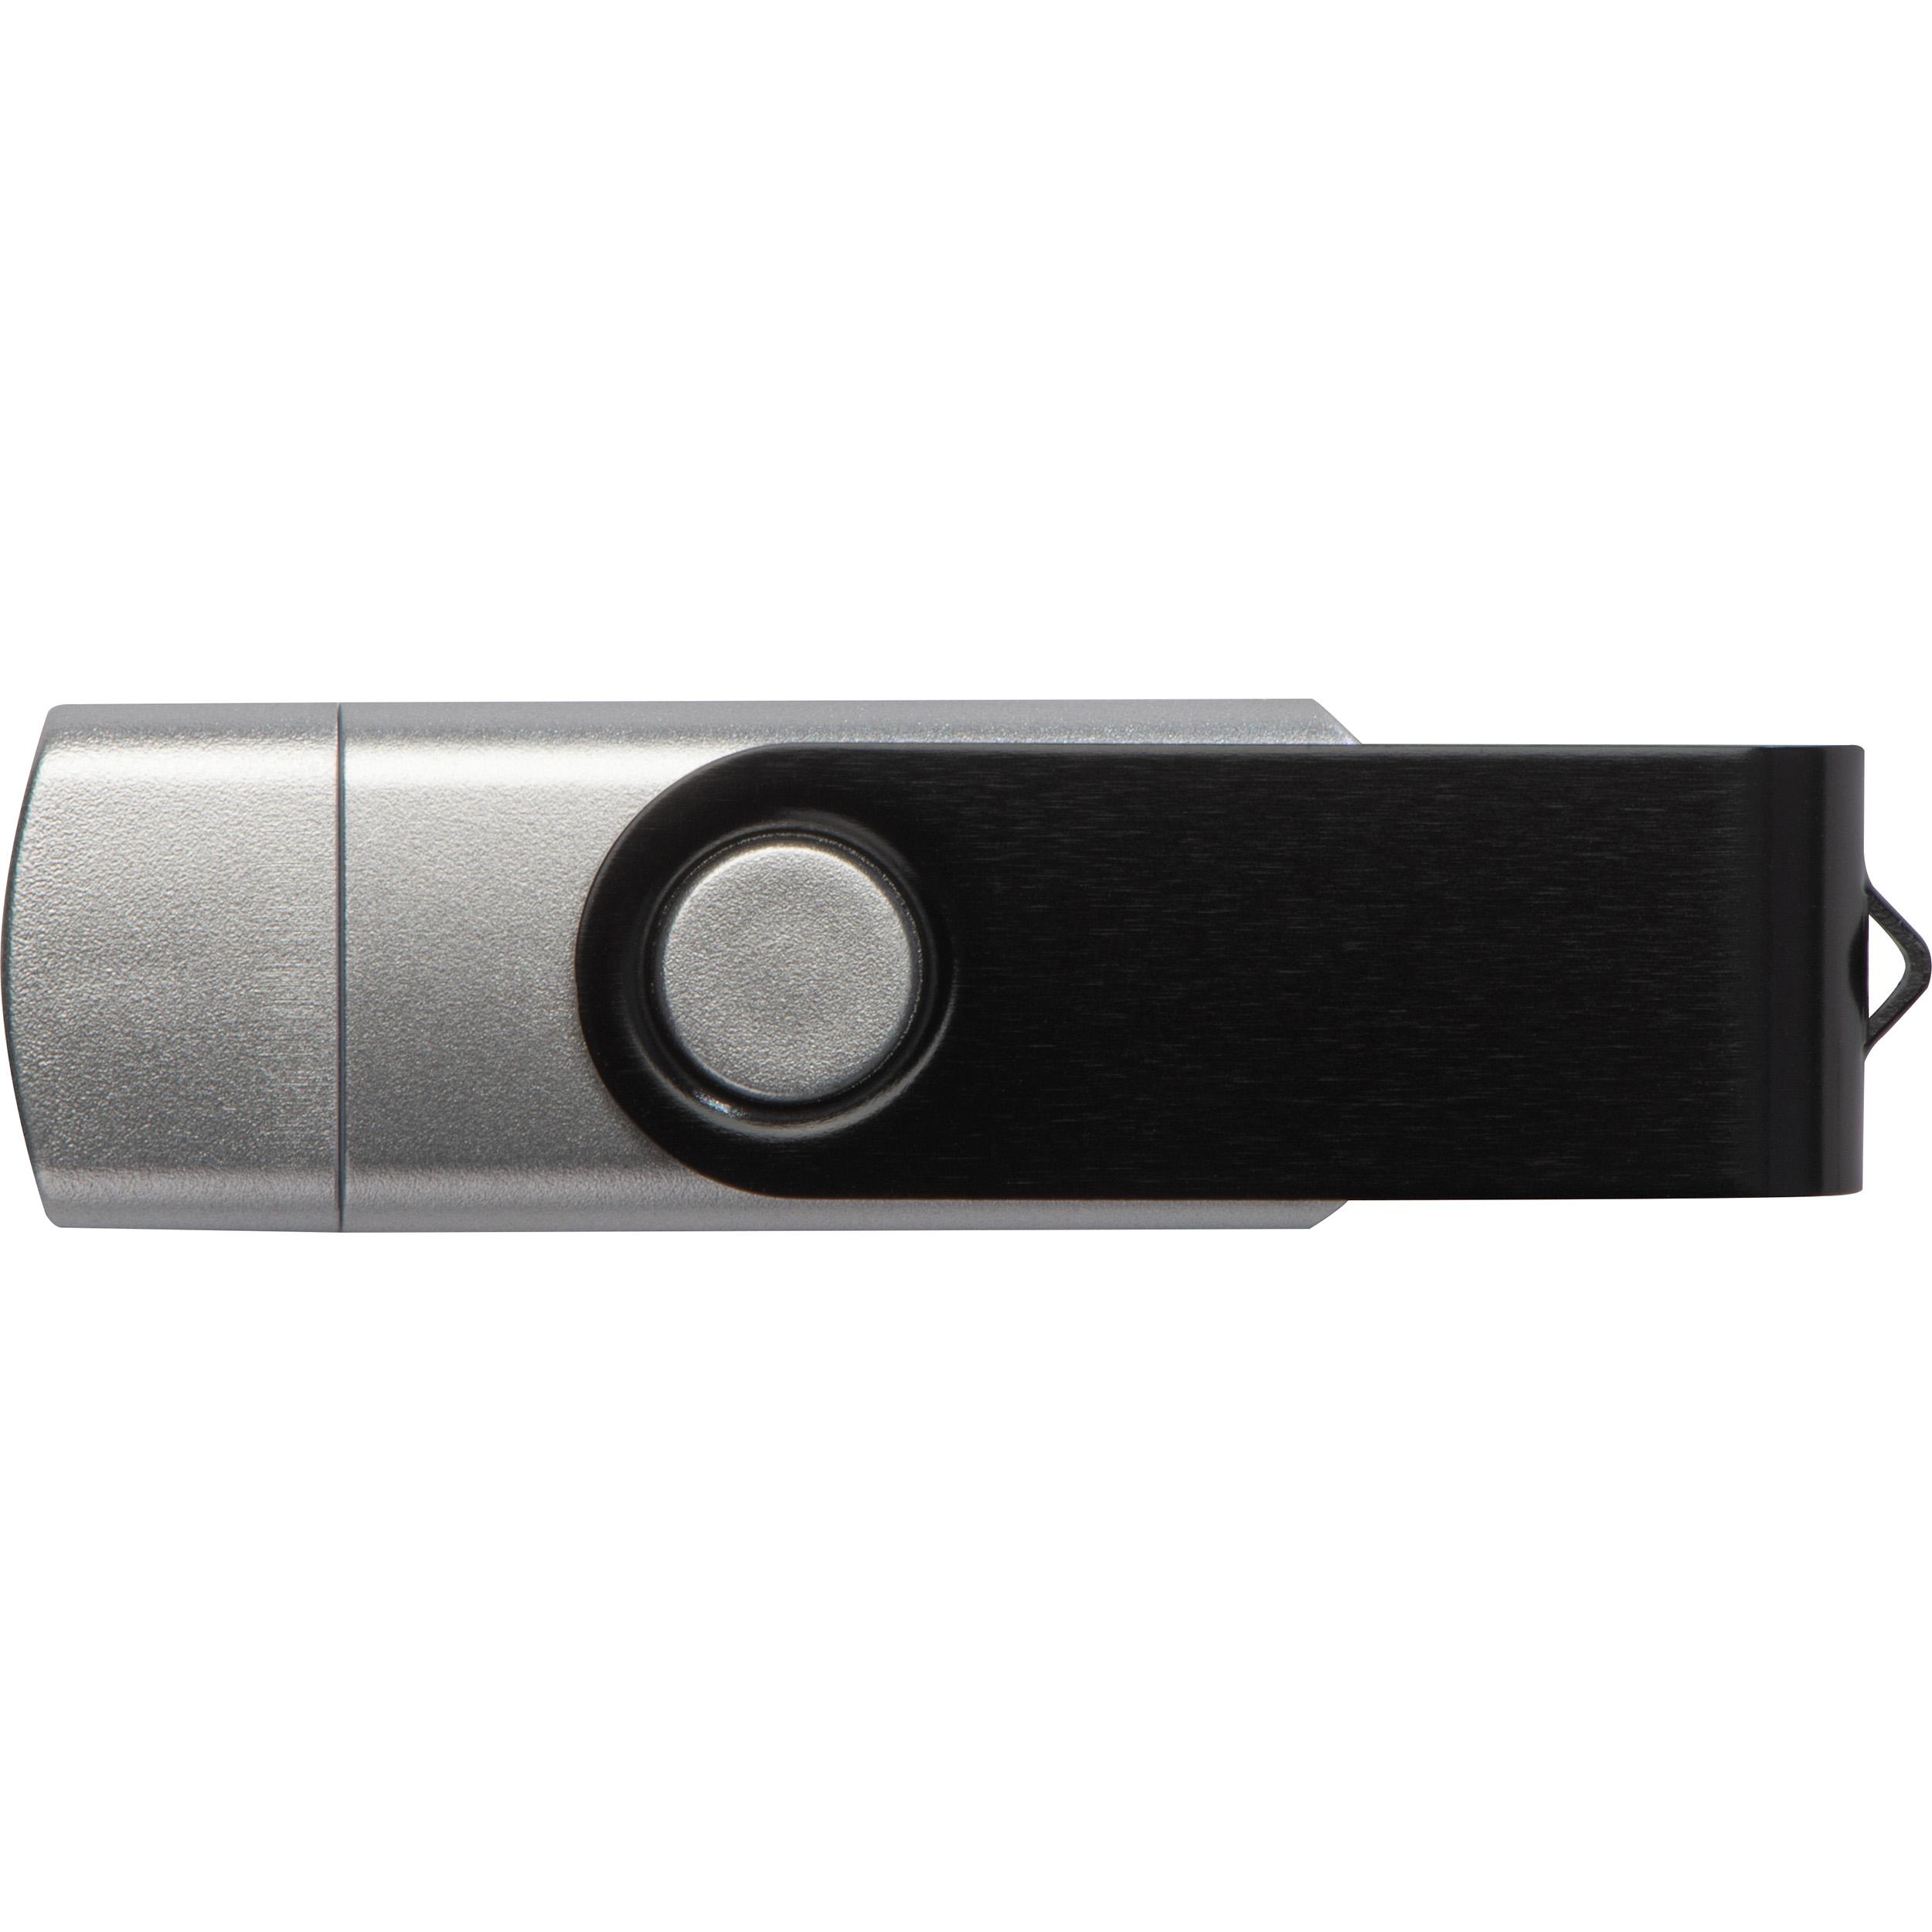 Twist USB Stick